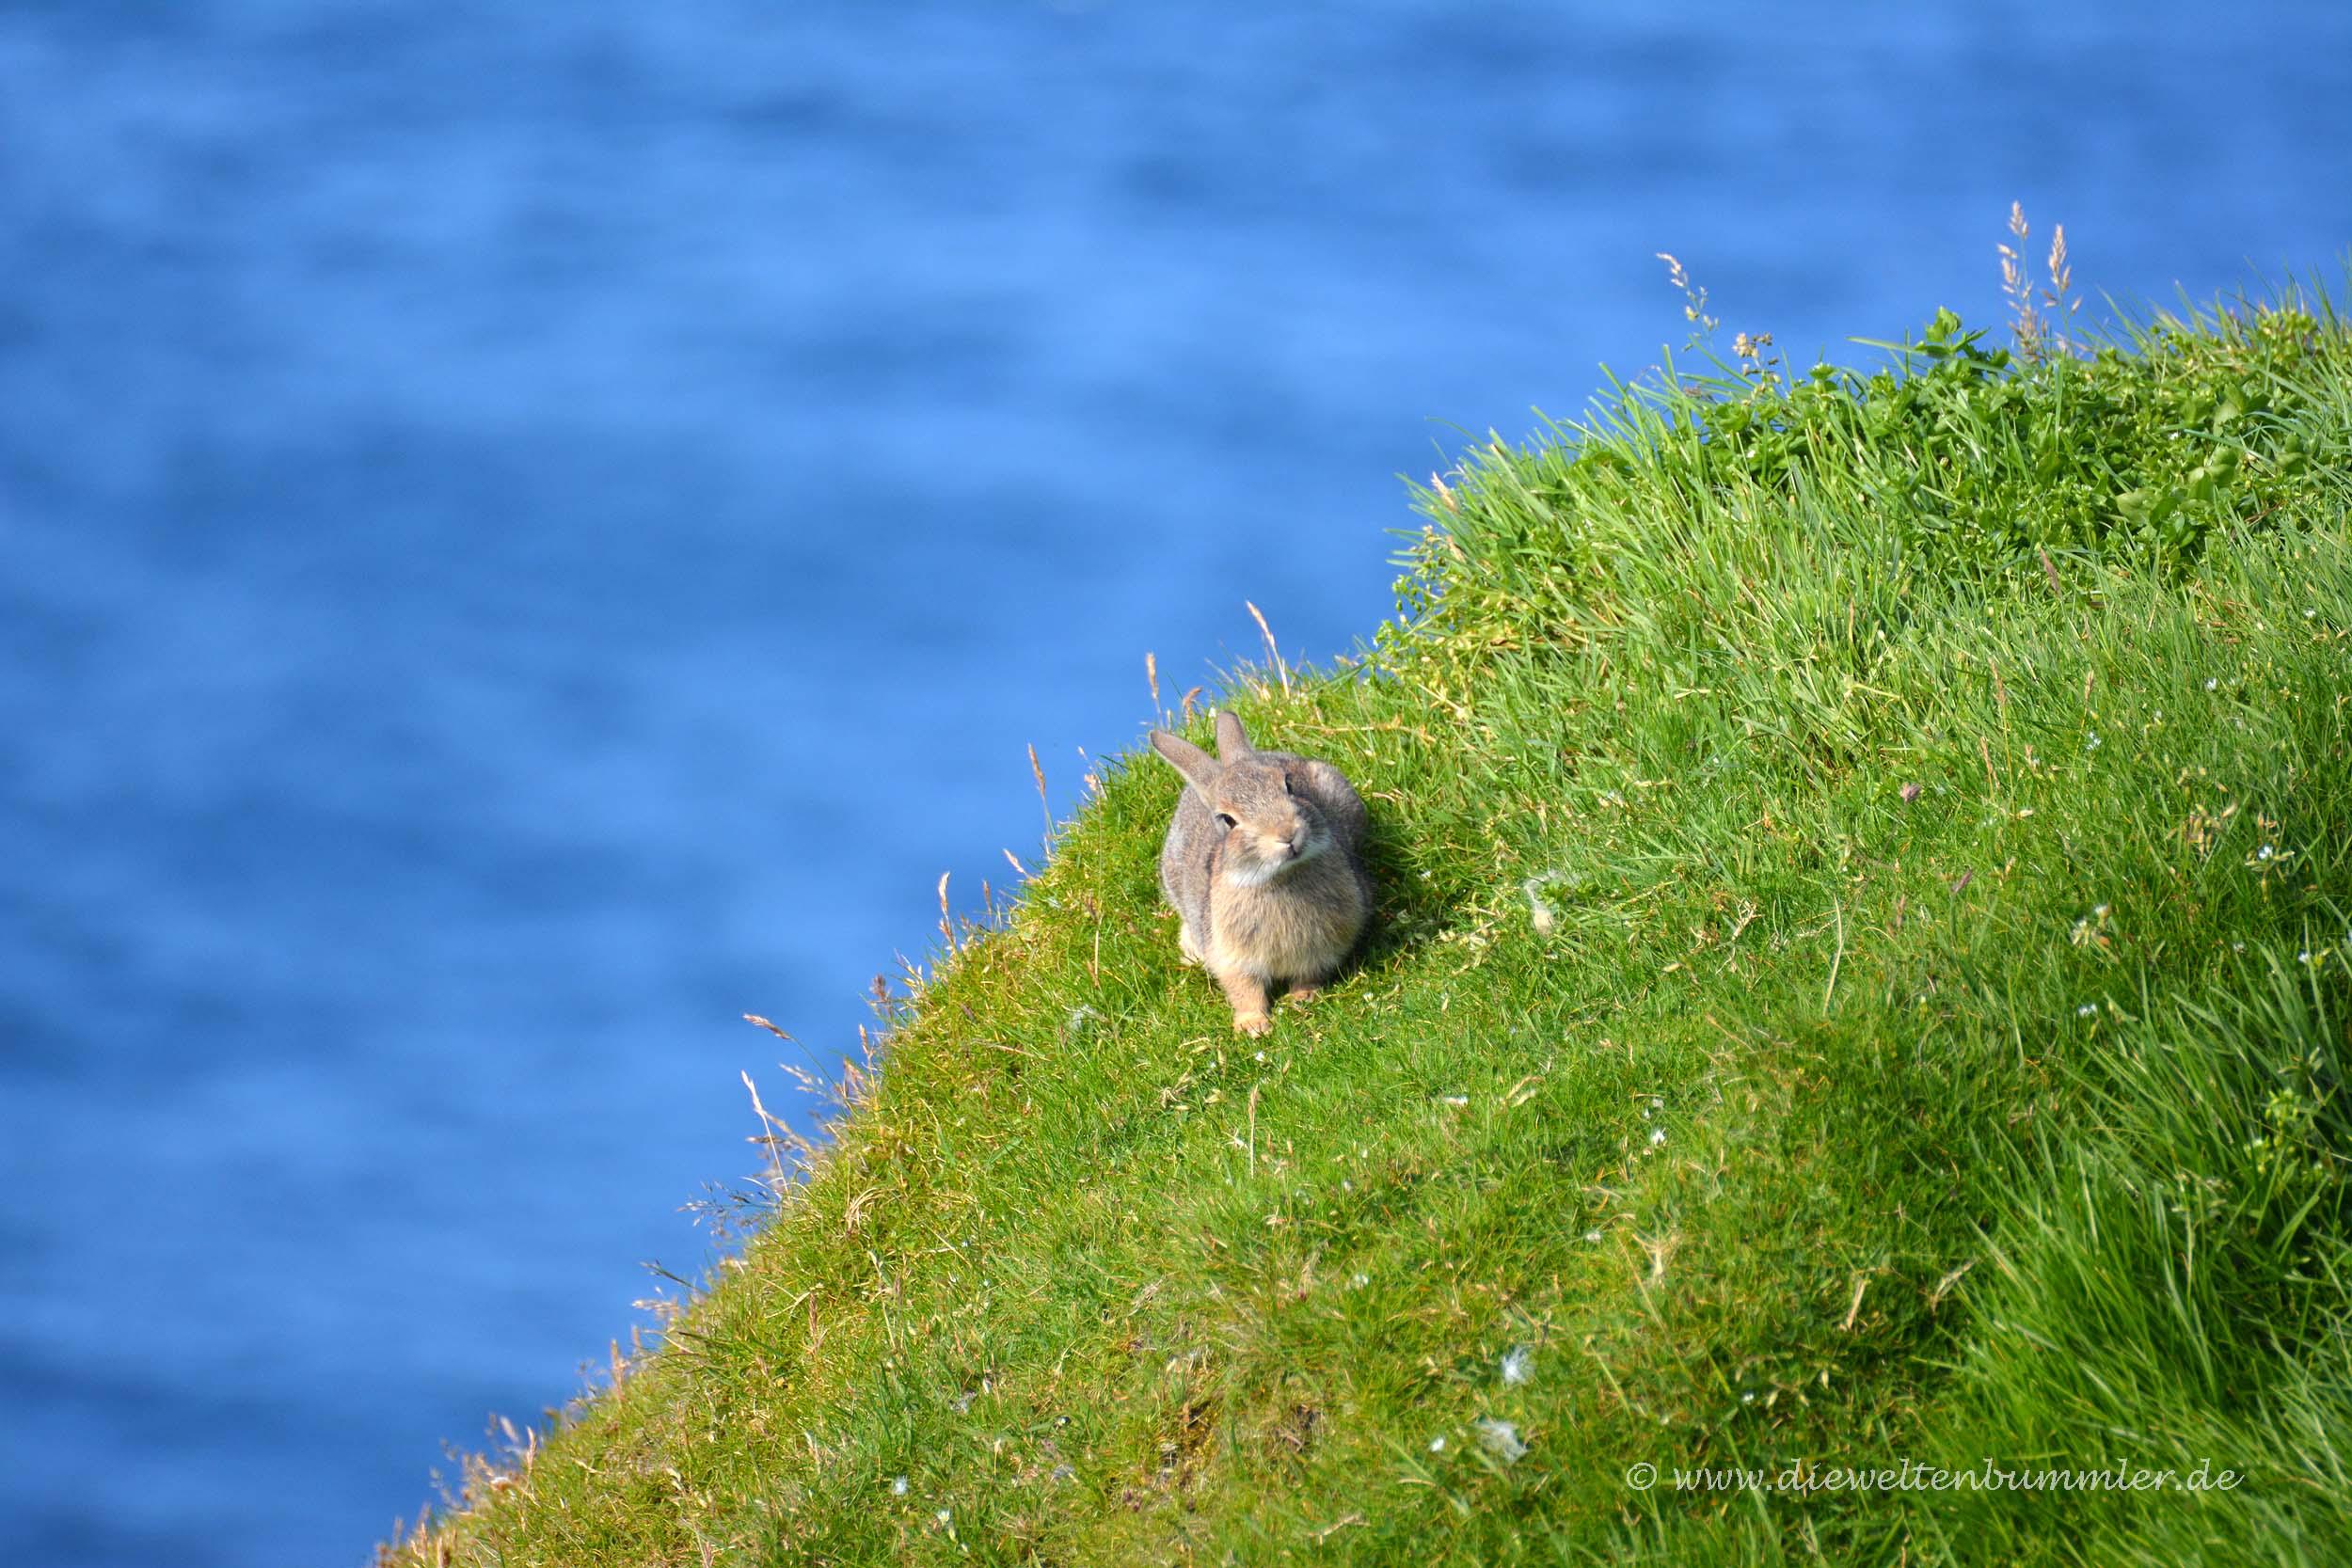 Da schaut der Hase